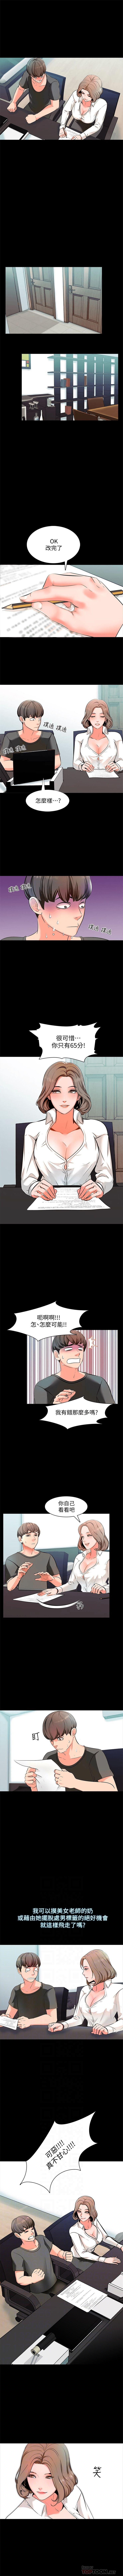 家教老师  1-9 中文翻译 (更新中) 10